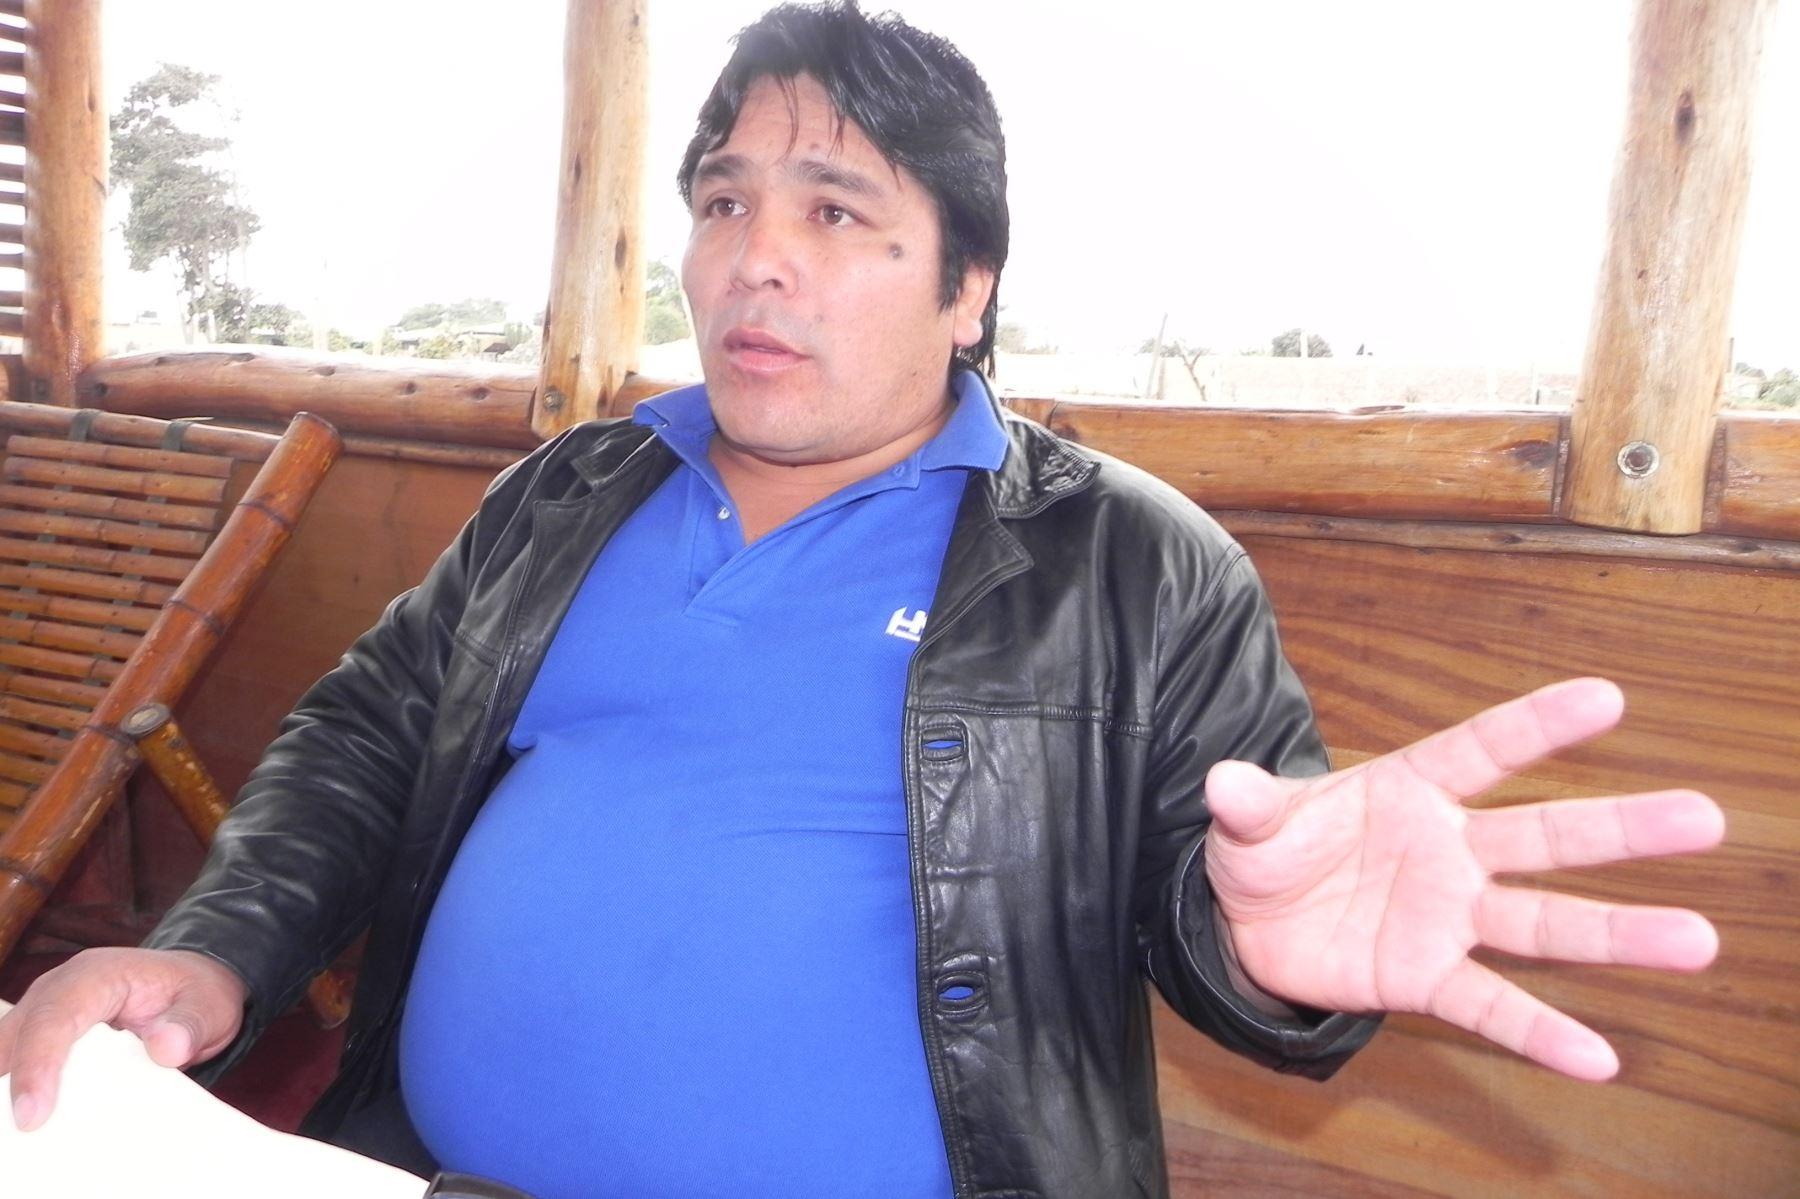 """Rubén Moreno Olivo, alias """"Goro"""", está implicado en el asesinato del exconsejero regional de Áncash Ezequiel Nolasco Campos."""